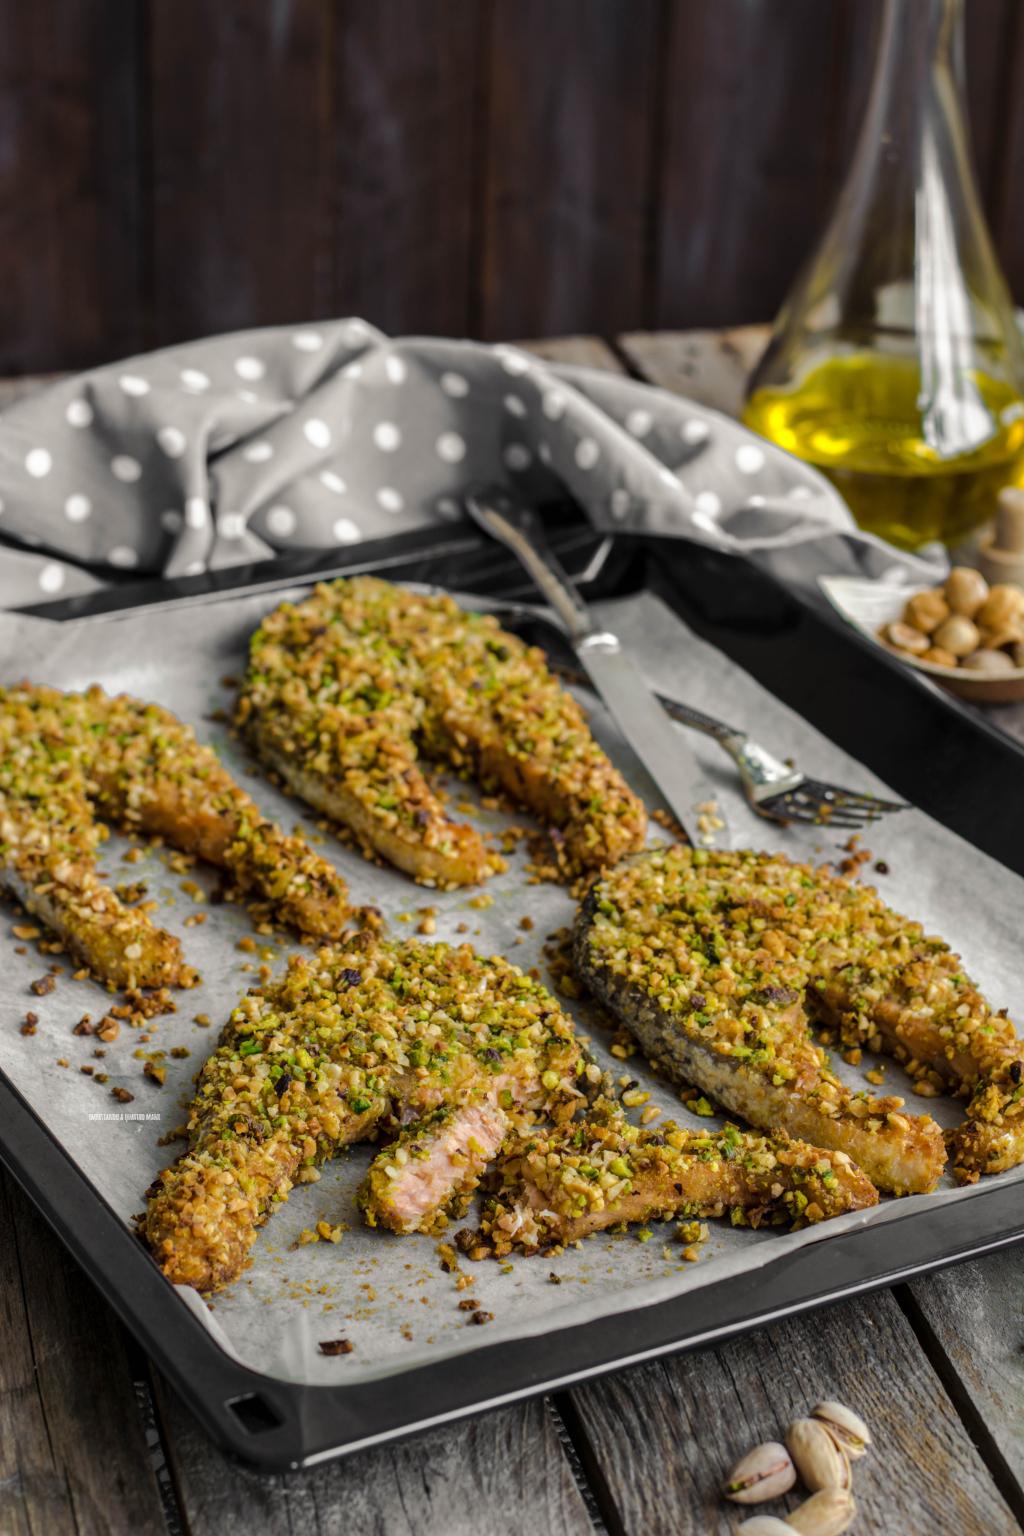 Ricetta Salmone Con Pistacchi.Salmone In Crosta Impastando A Quattro Mani